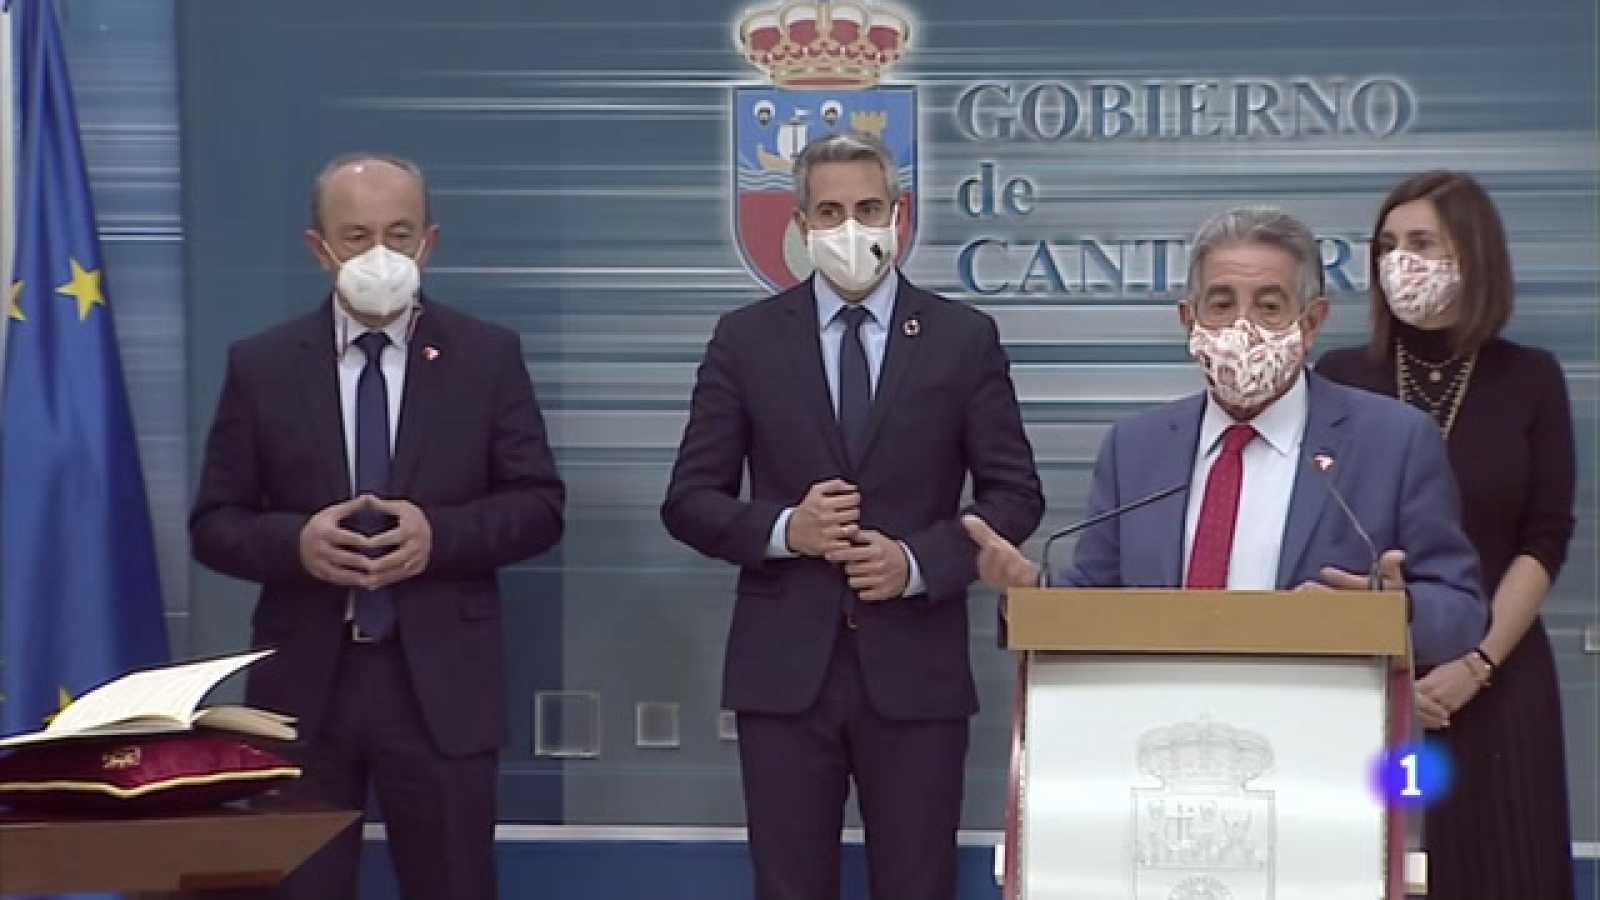 El presidente ha confirmado el confinamiento de cuatro municpios cántabros